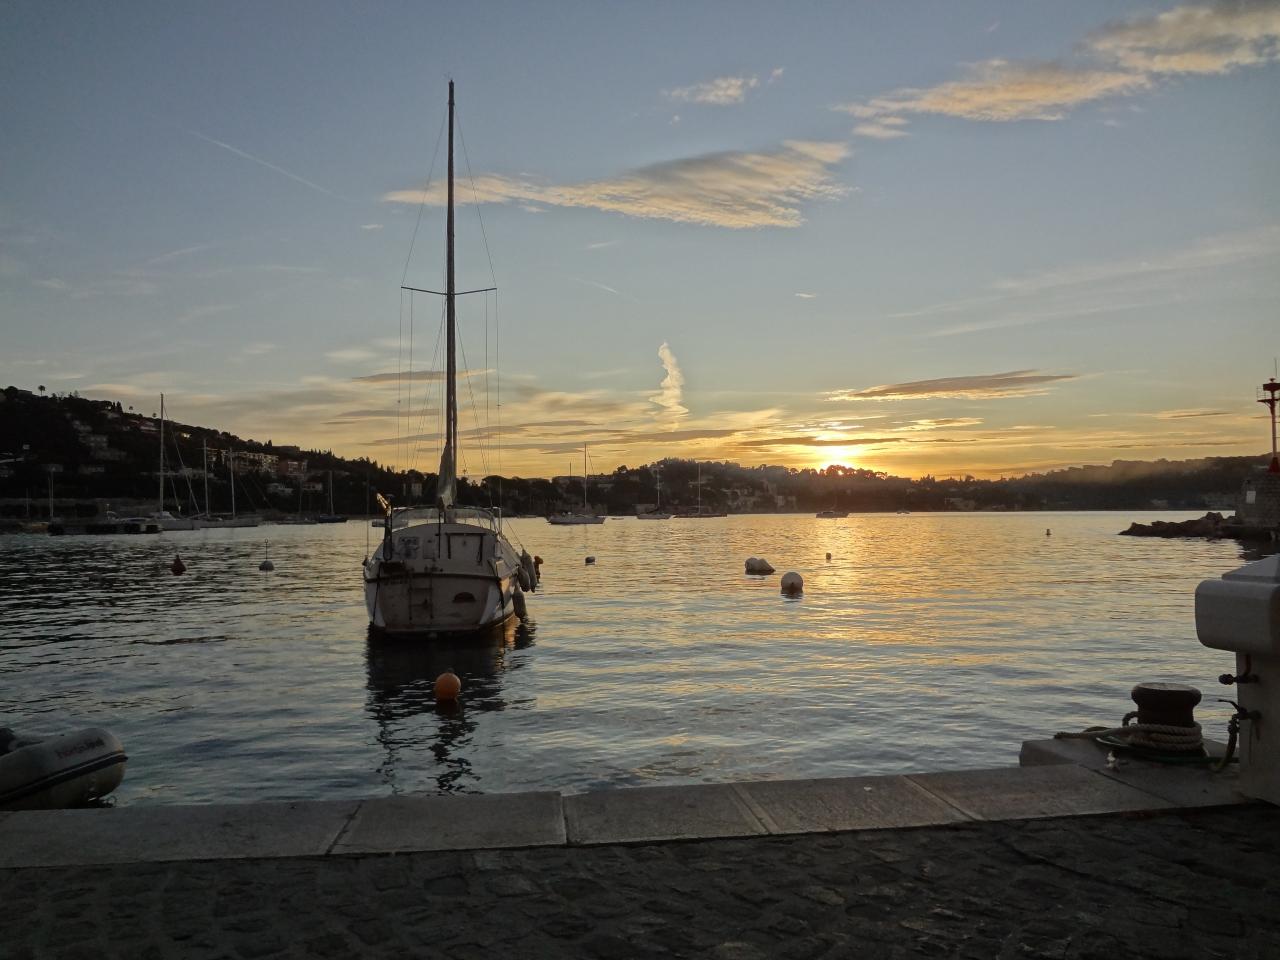 Cote d'Azur (2012ǯ1��)